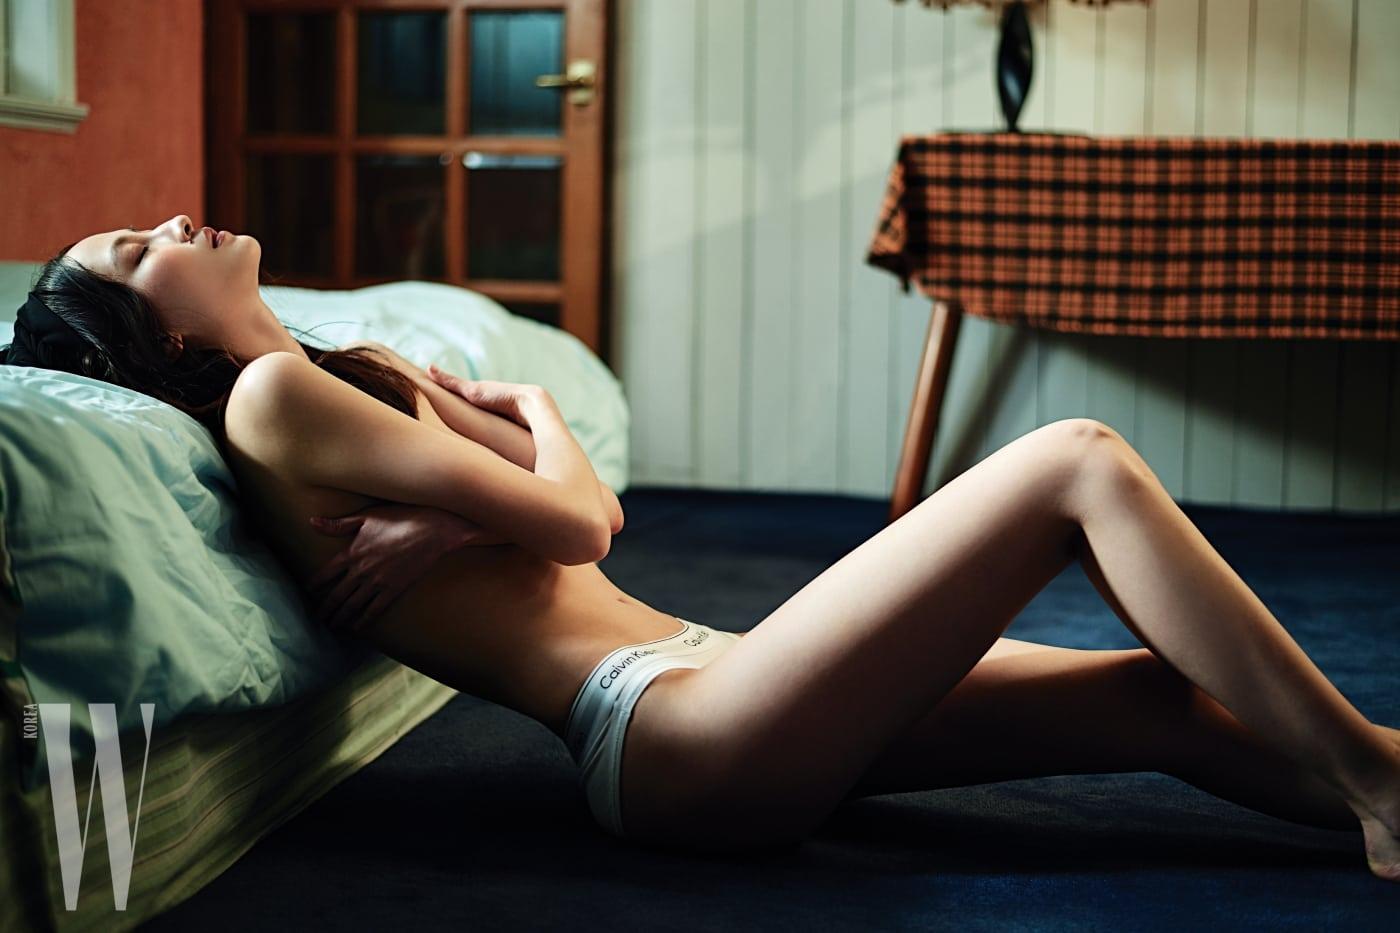 로고 밴드 브리프는 Calvin Klein Underwear 제품.